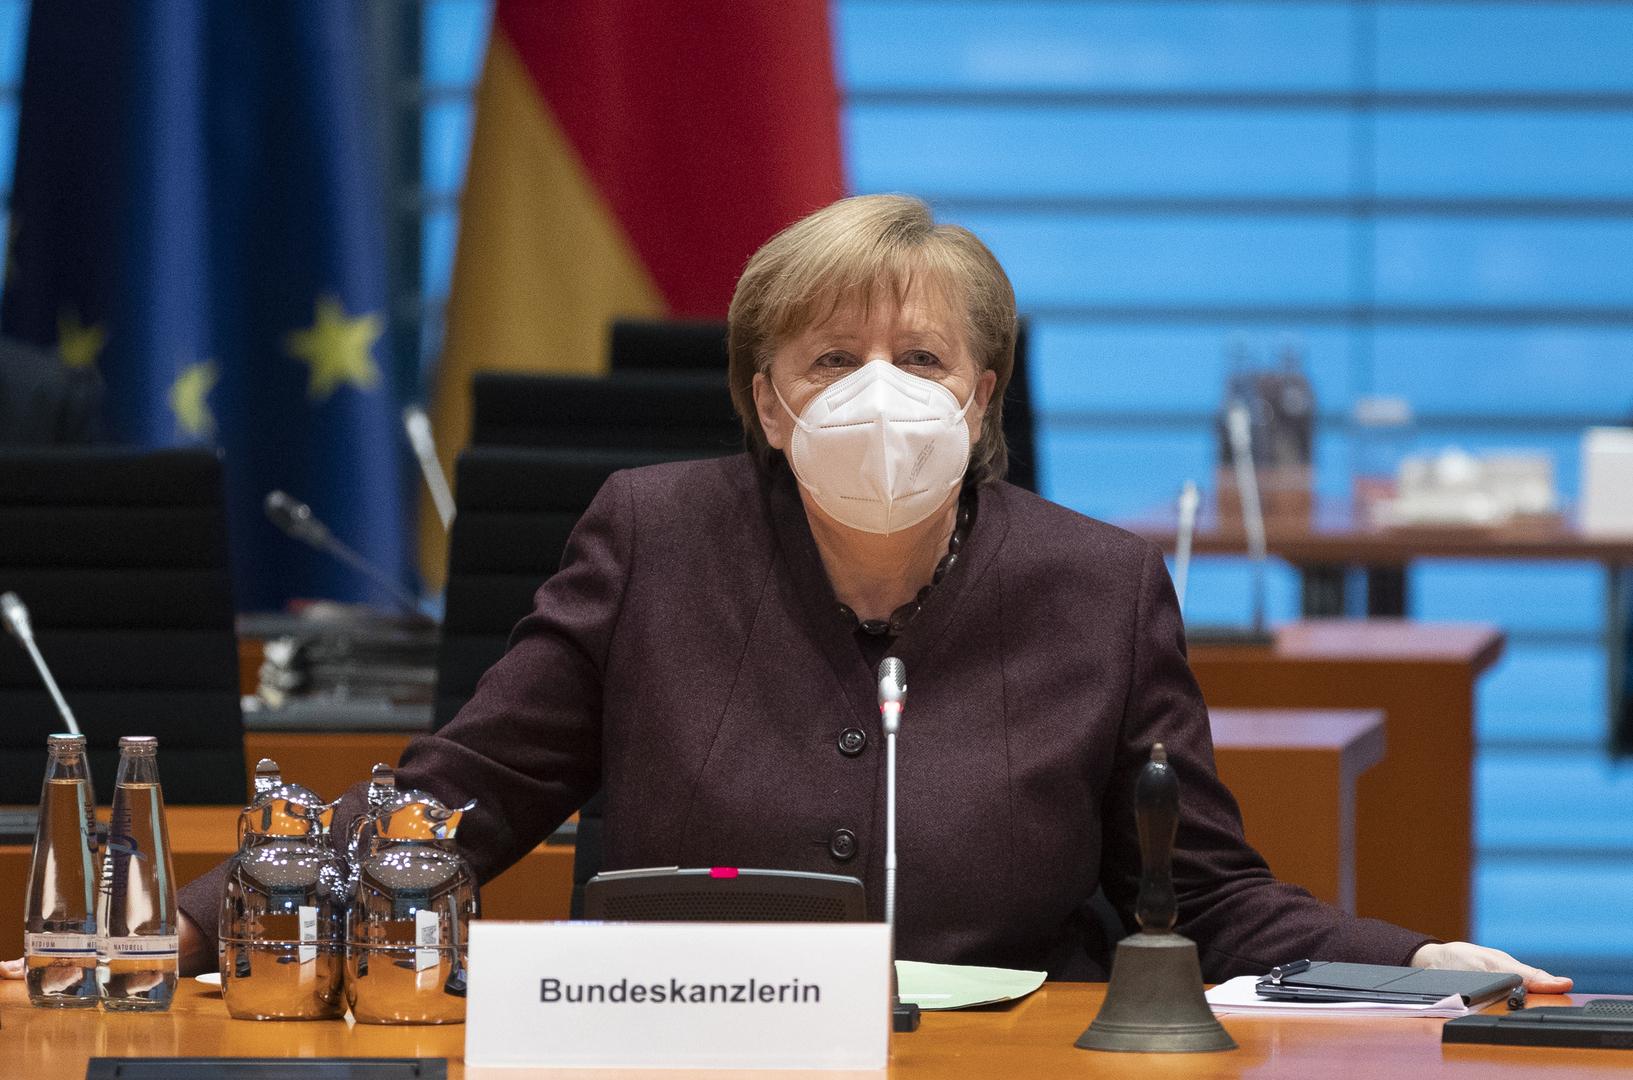 سلطات ألمانيا تمدد إجراءات الإغلاق في البلاد حتى الـ7 من مارس